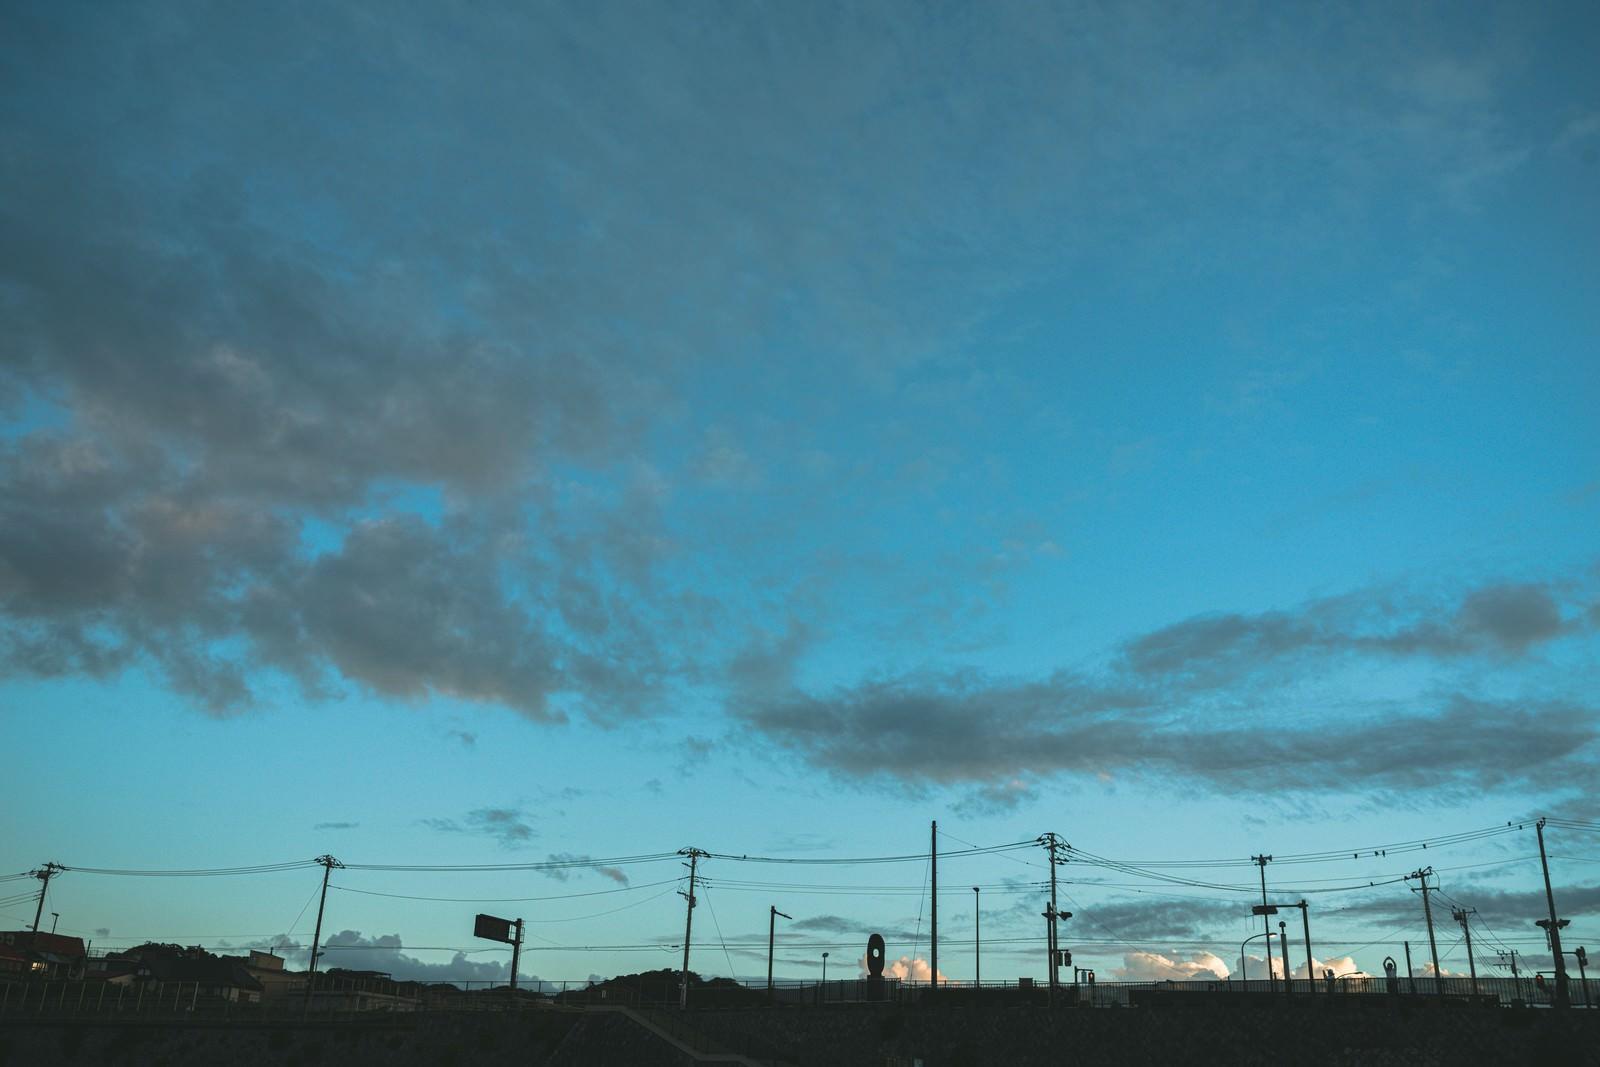 「電柱のシルエットと薄雲かかる青空」の写真